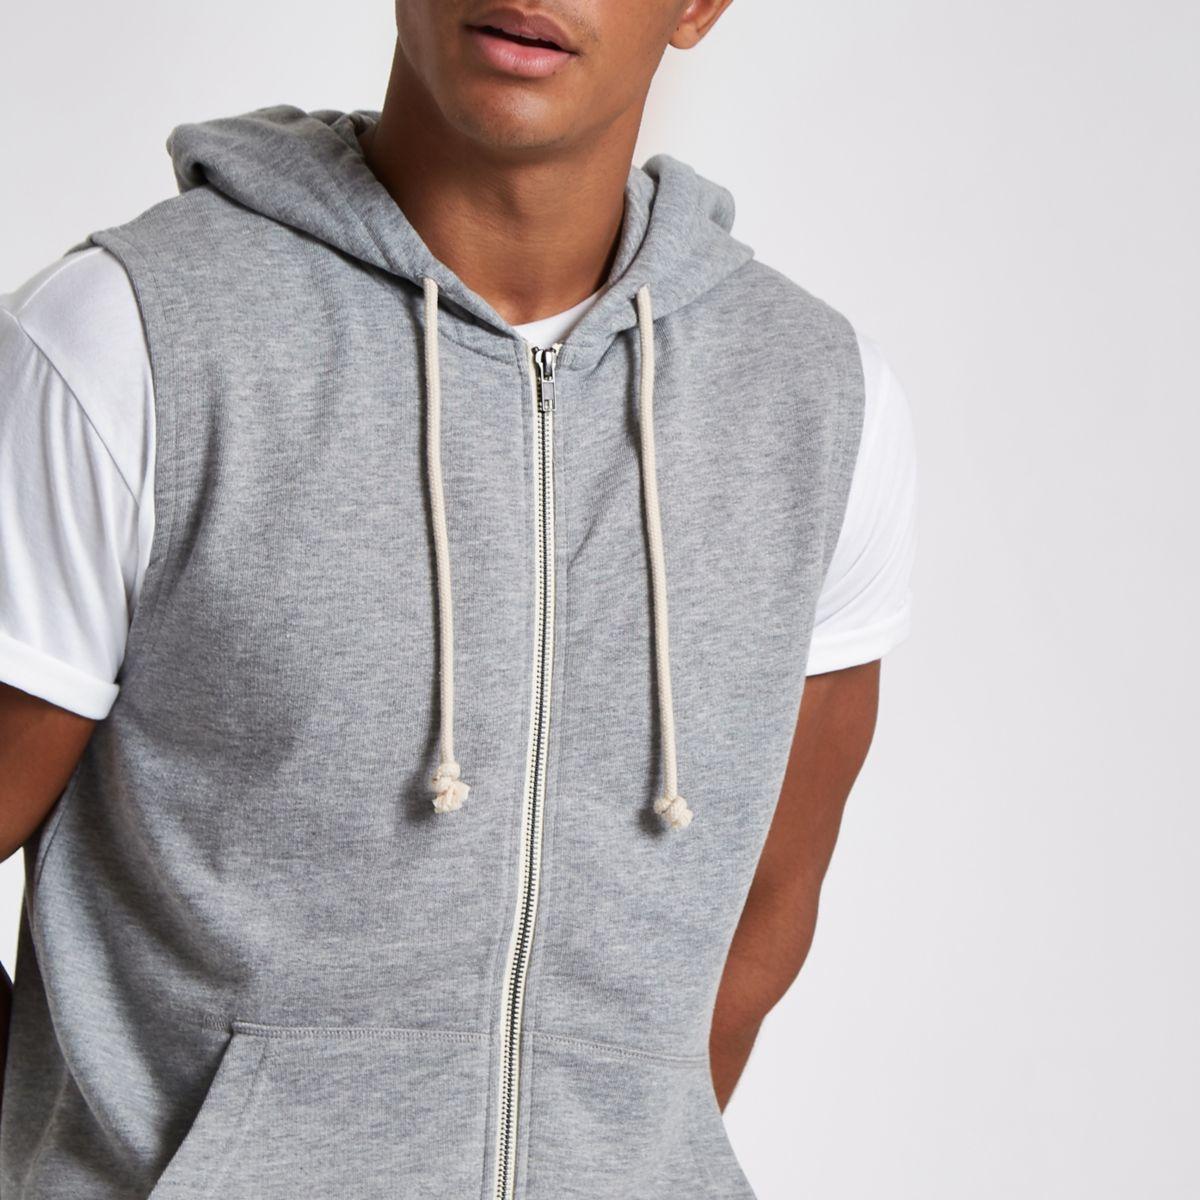 Jack hoodie Jones amp; grey sleeveless Originals rBrU4Rq